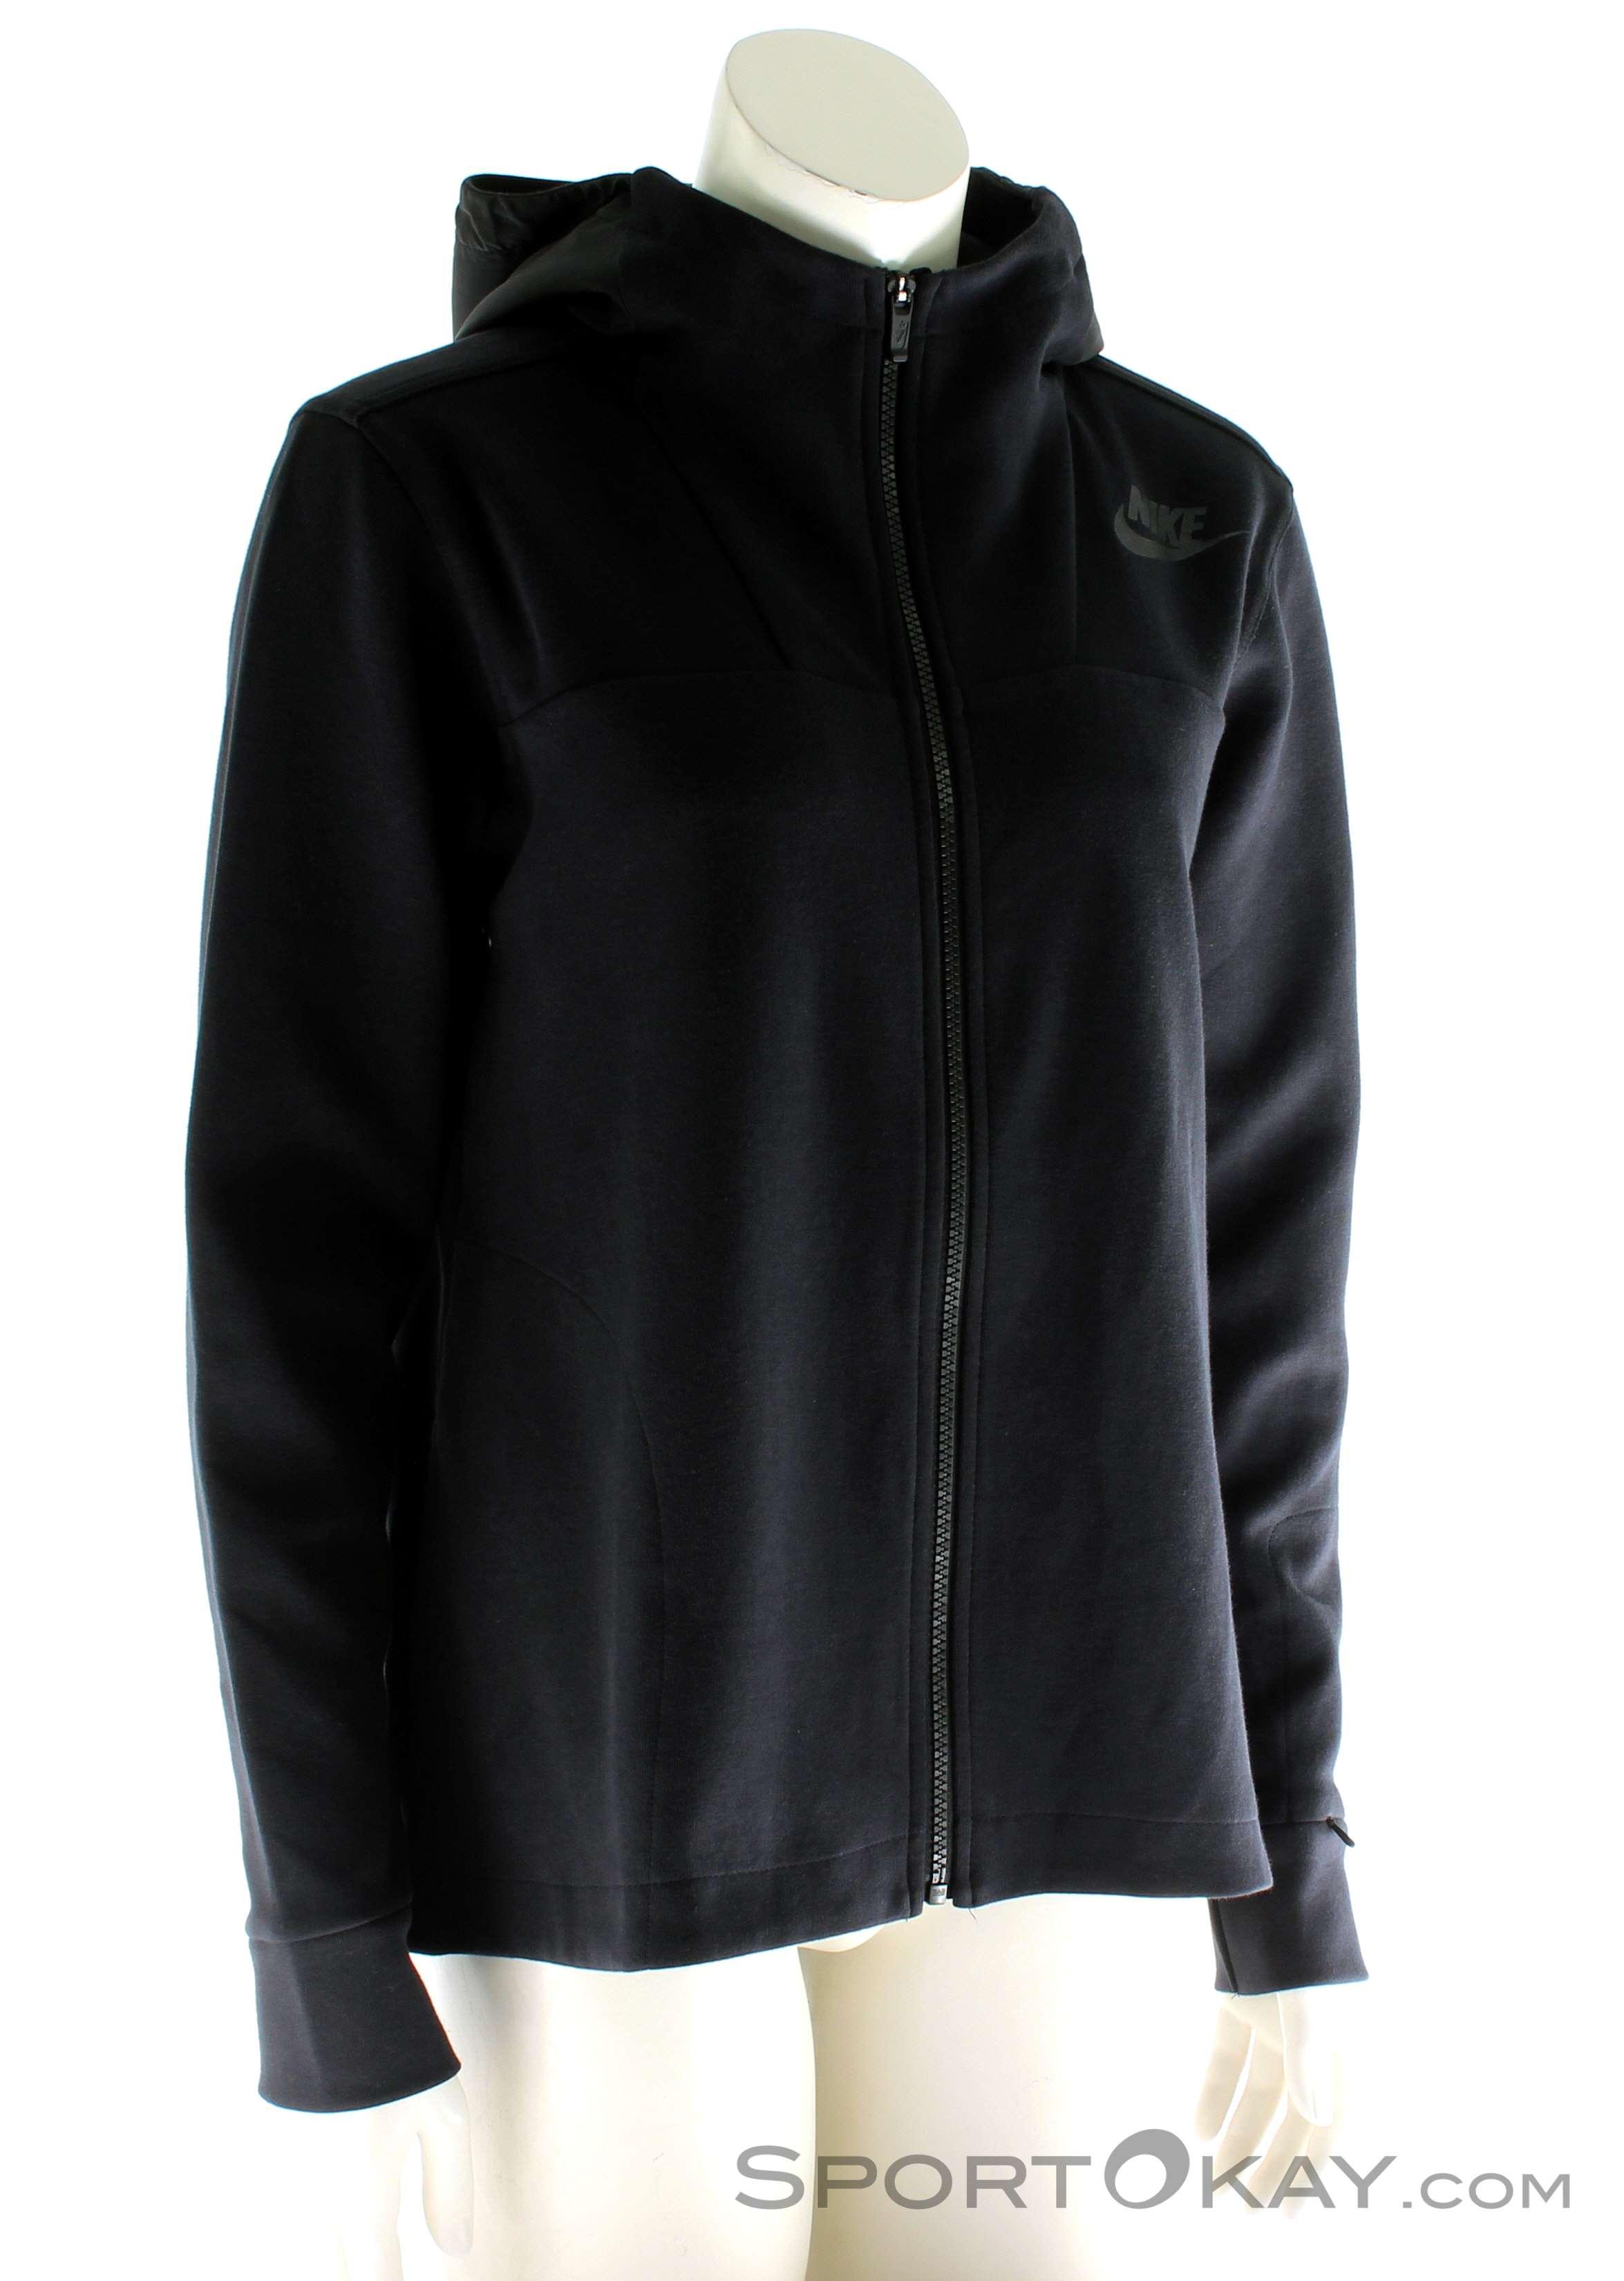 763c8e93df Nike Advance 15 Fleece Donna Maglia per il Tempo Libero , Nike, Nero, ,